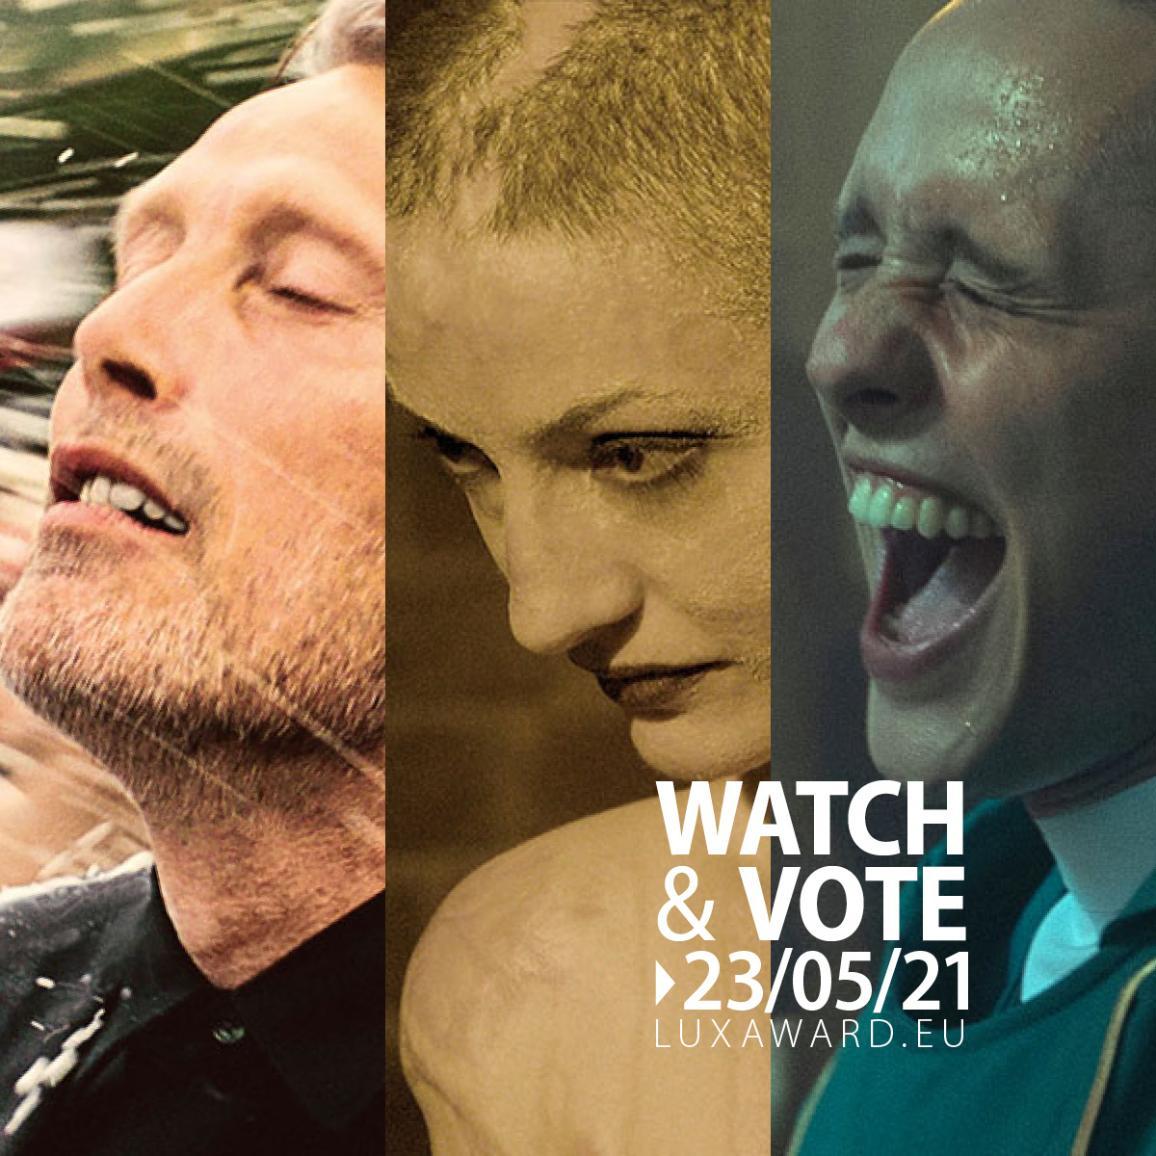 _3-films_watch-and-vote_EN.jpg